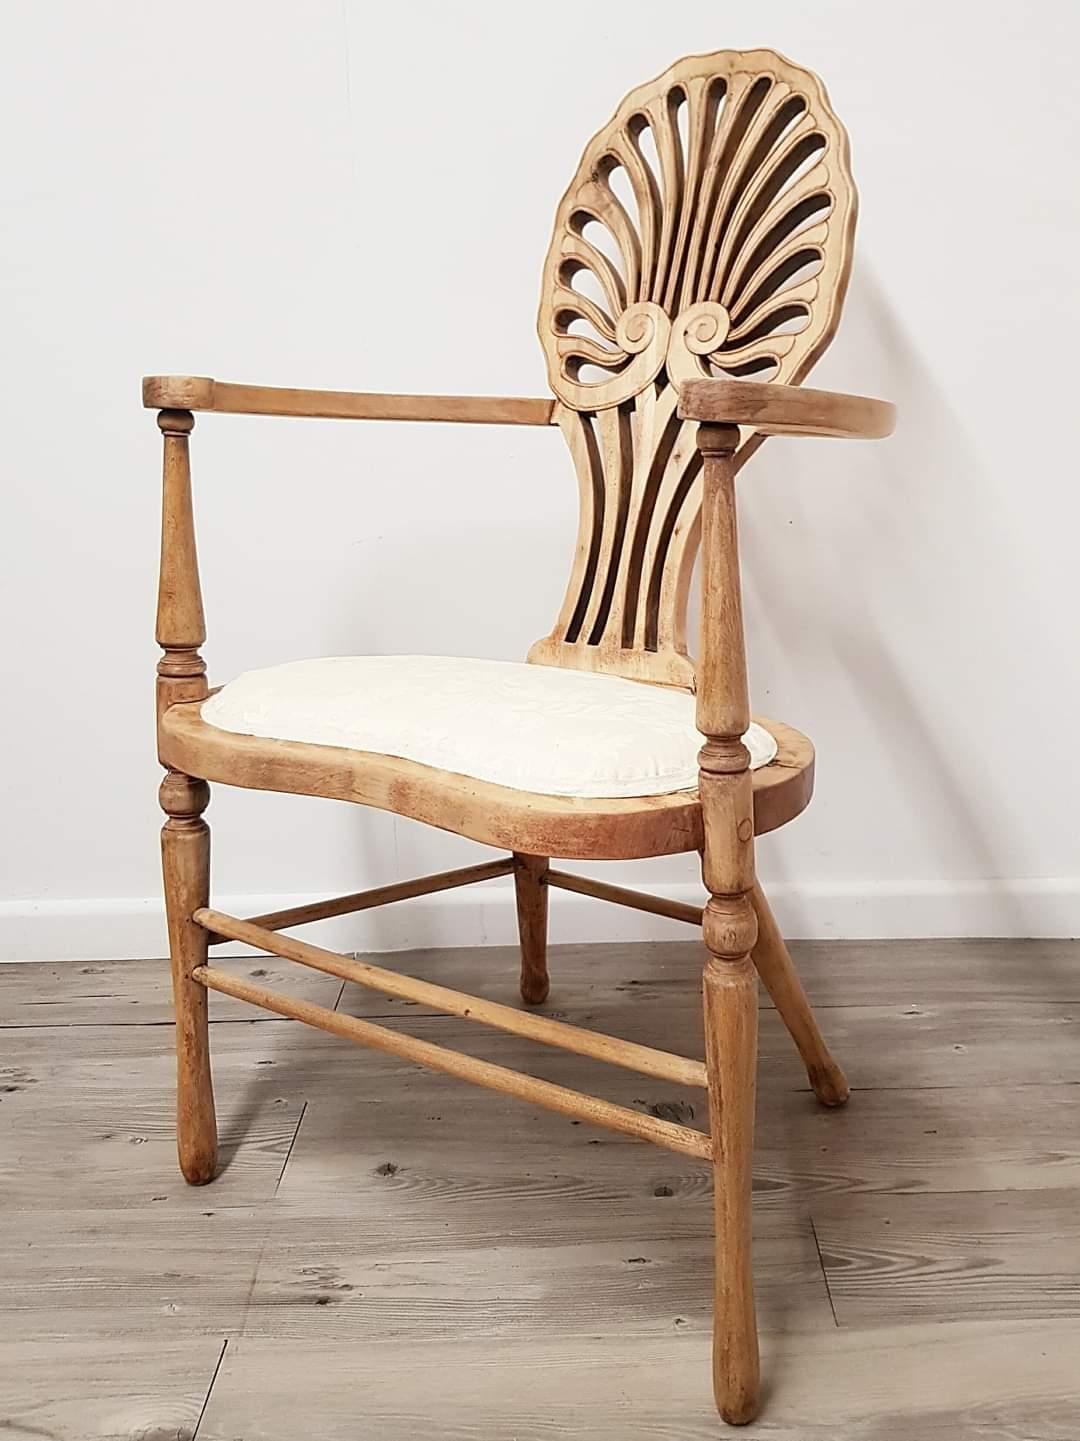 Restored antique chair.jpg